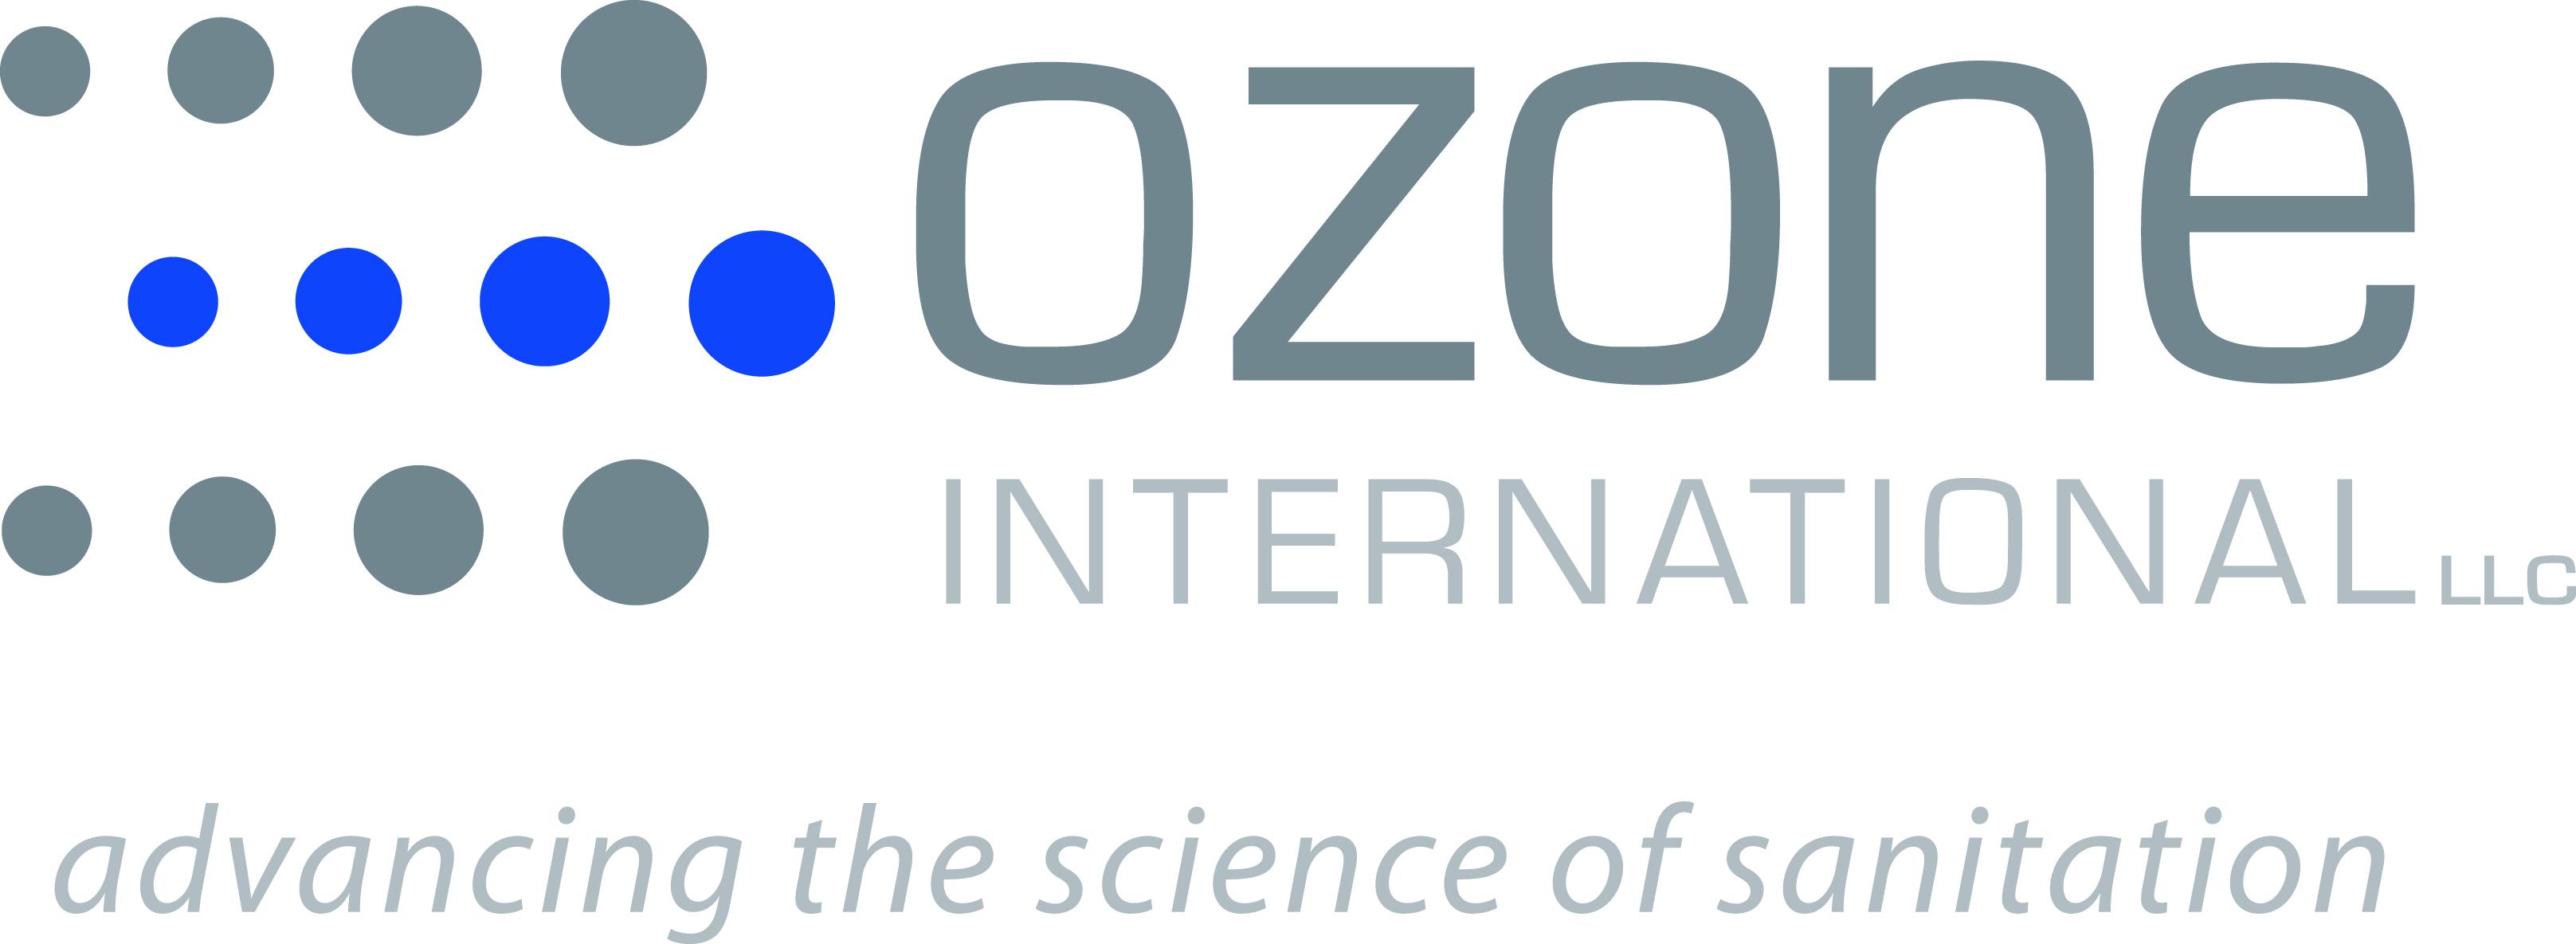 Ozone International Logo & Slogan